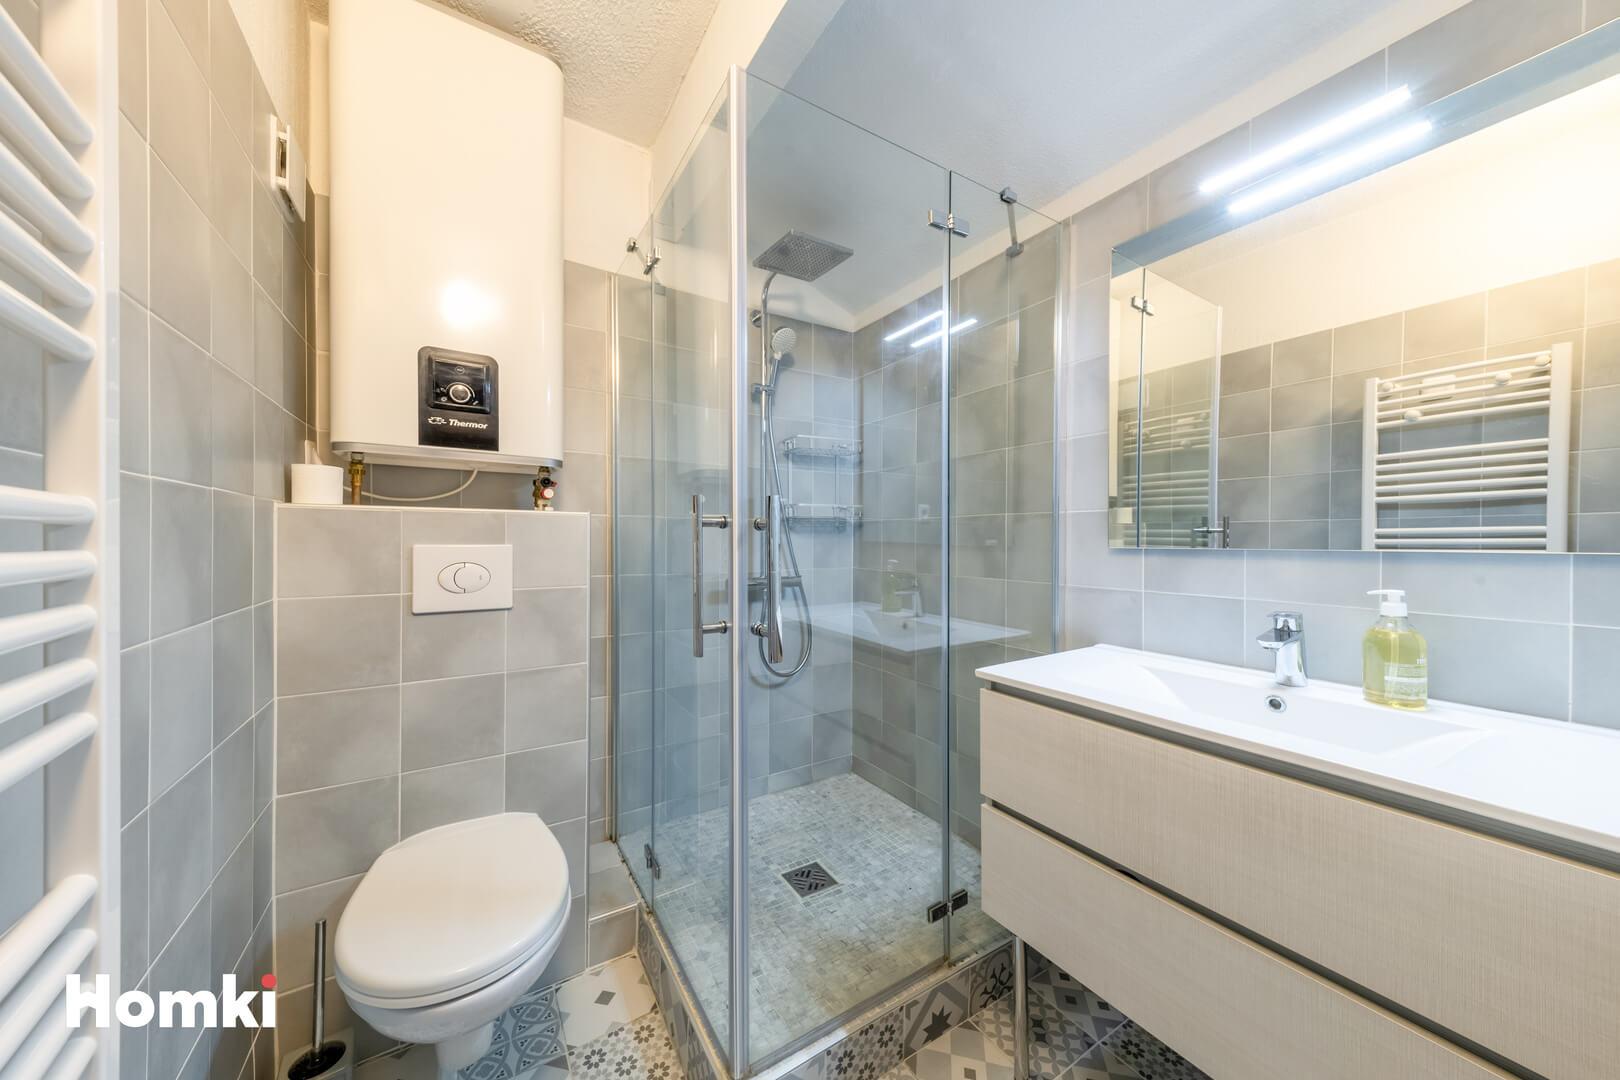 Homki - Vente Appartement  de 62.0 m² à Marseille 13008